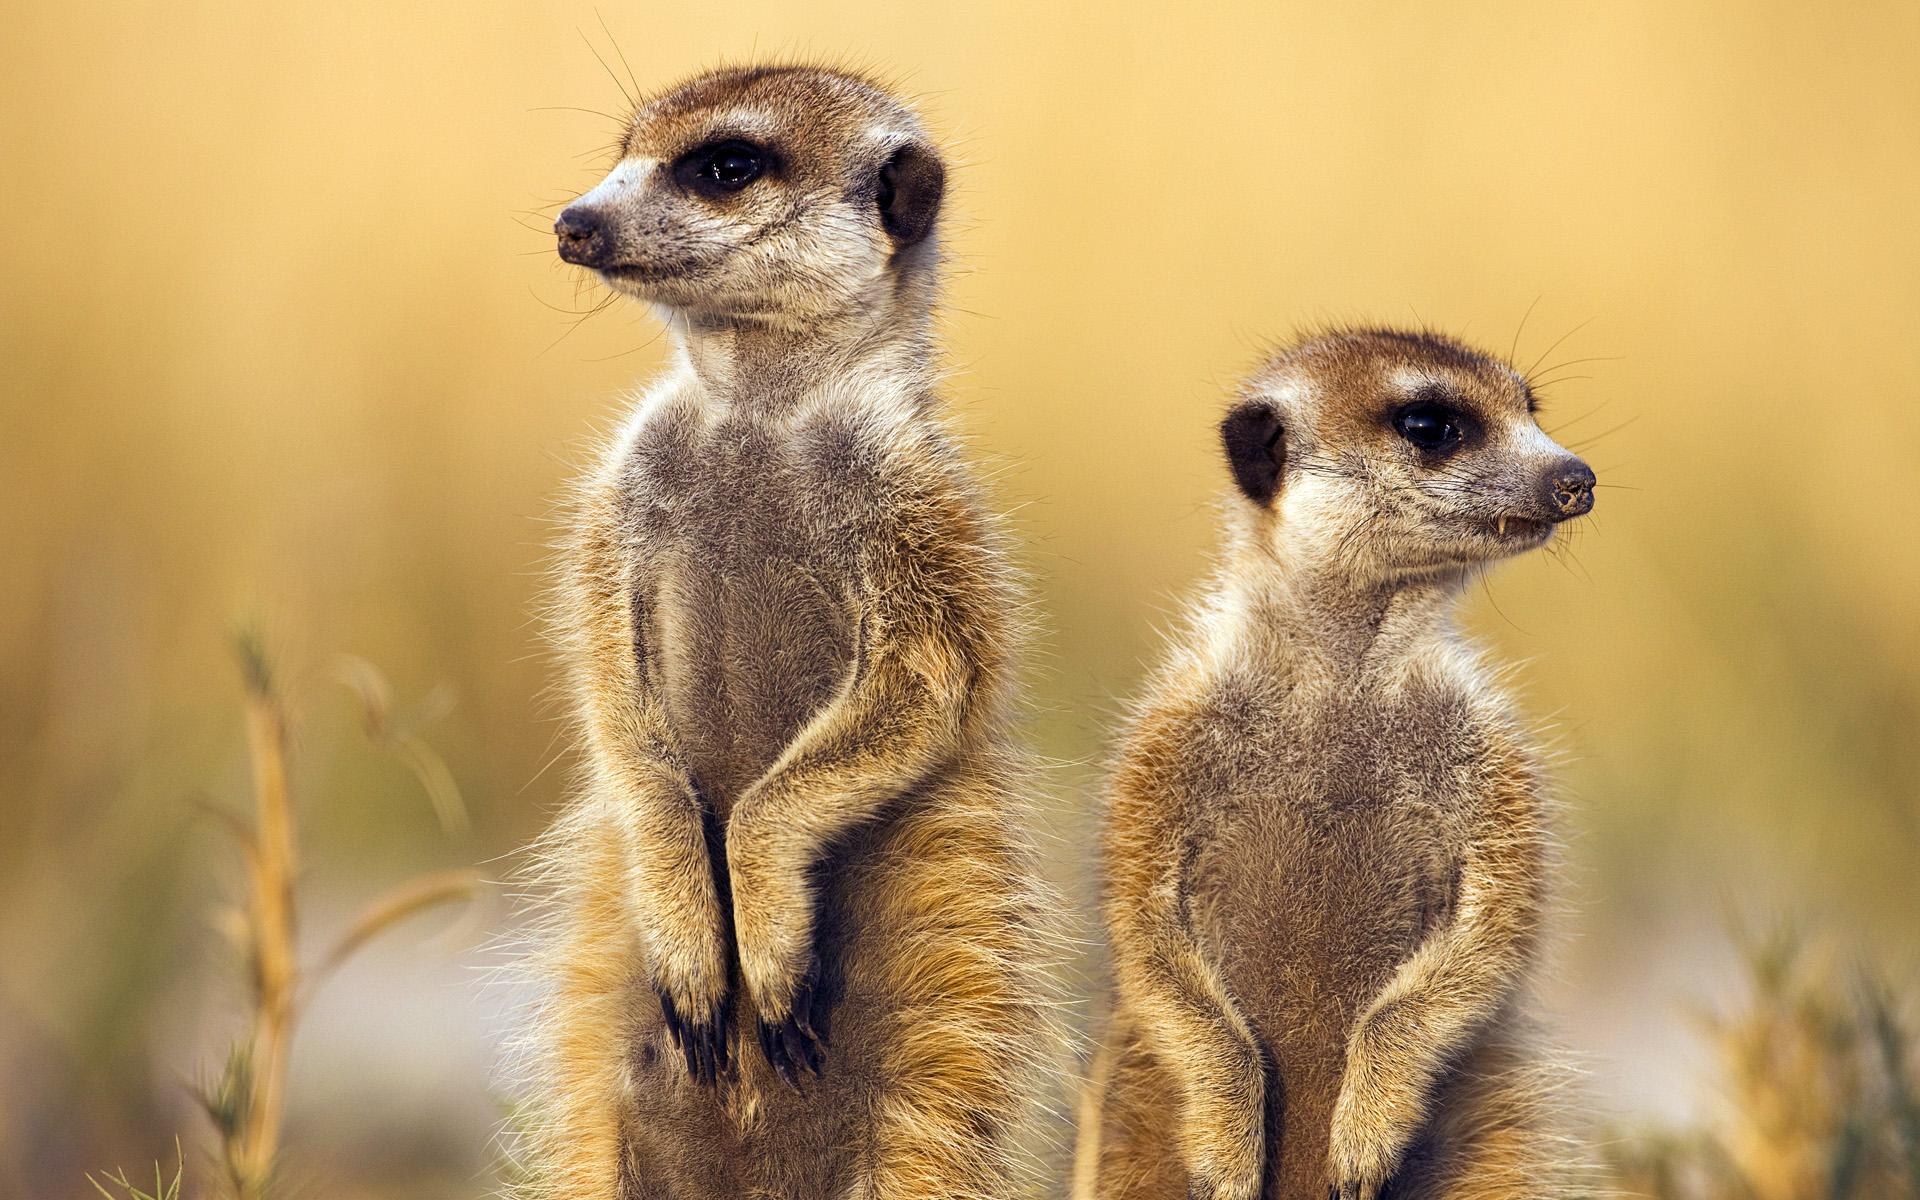 Meerkat Backgrounds 38381 2560x1600 px